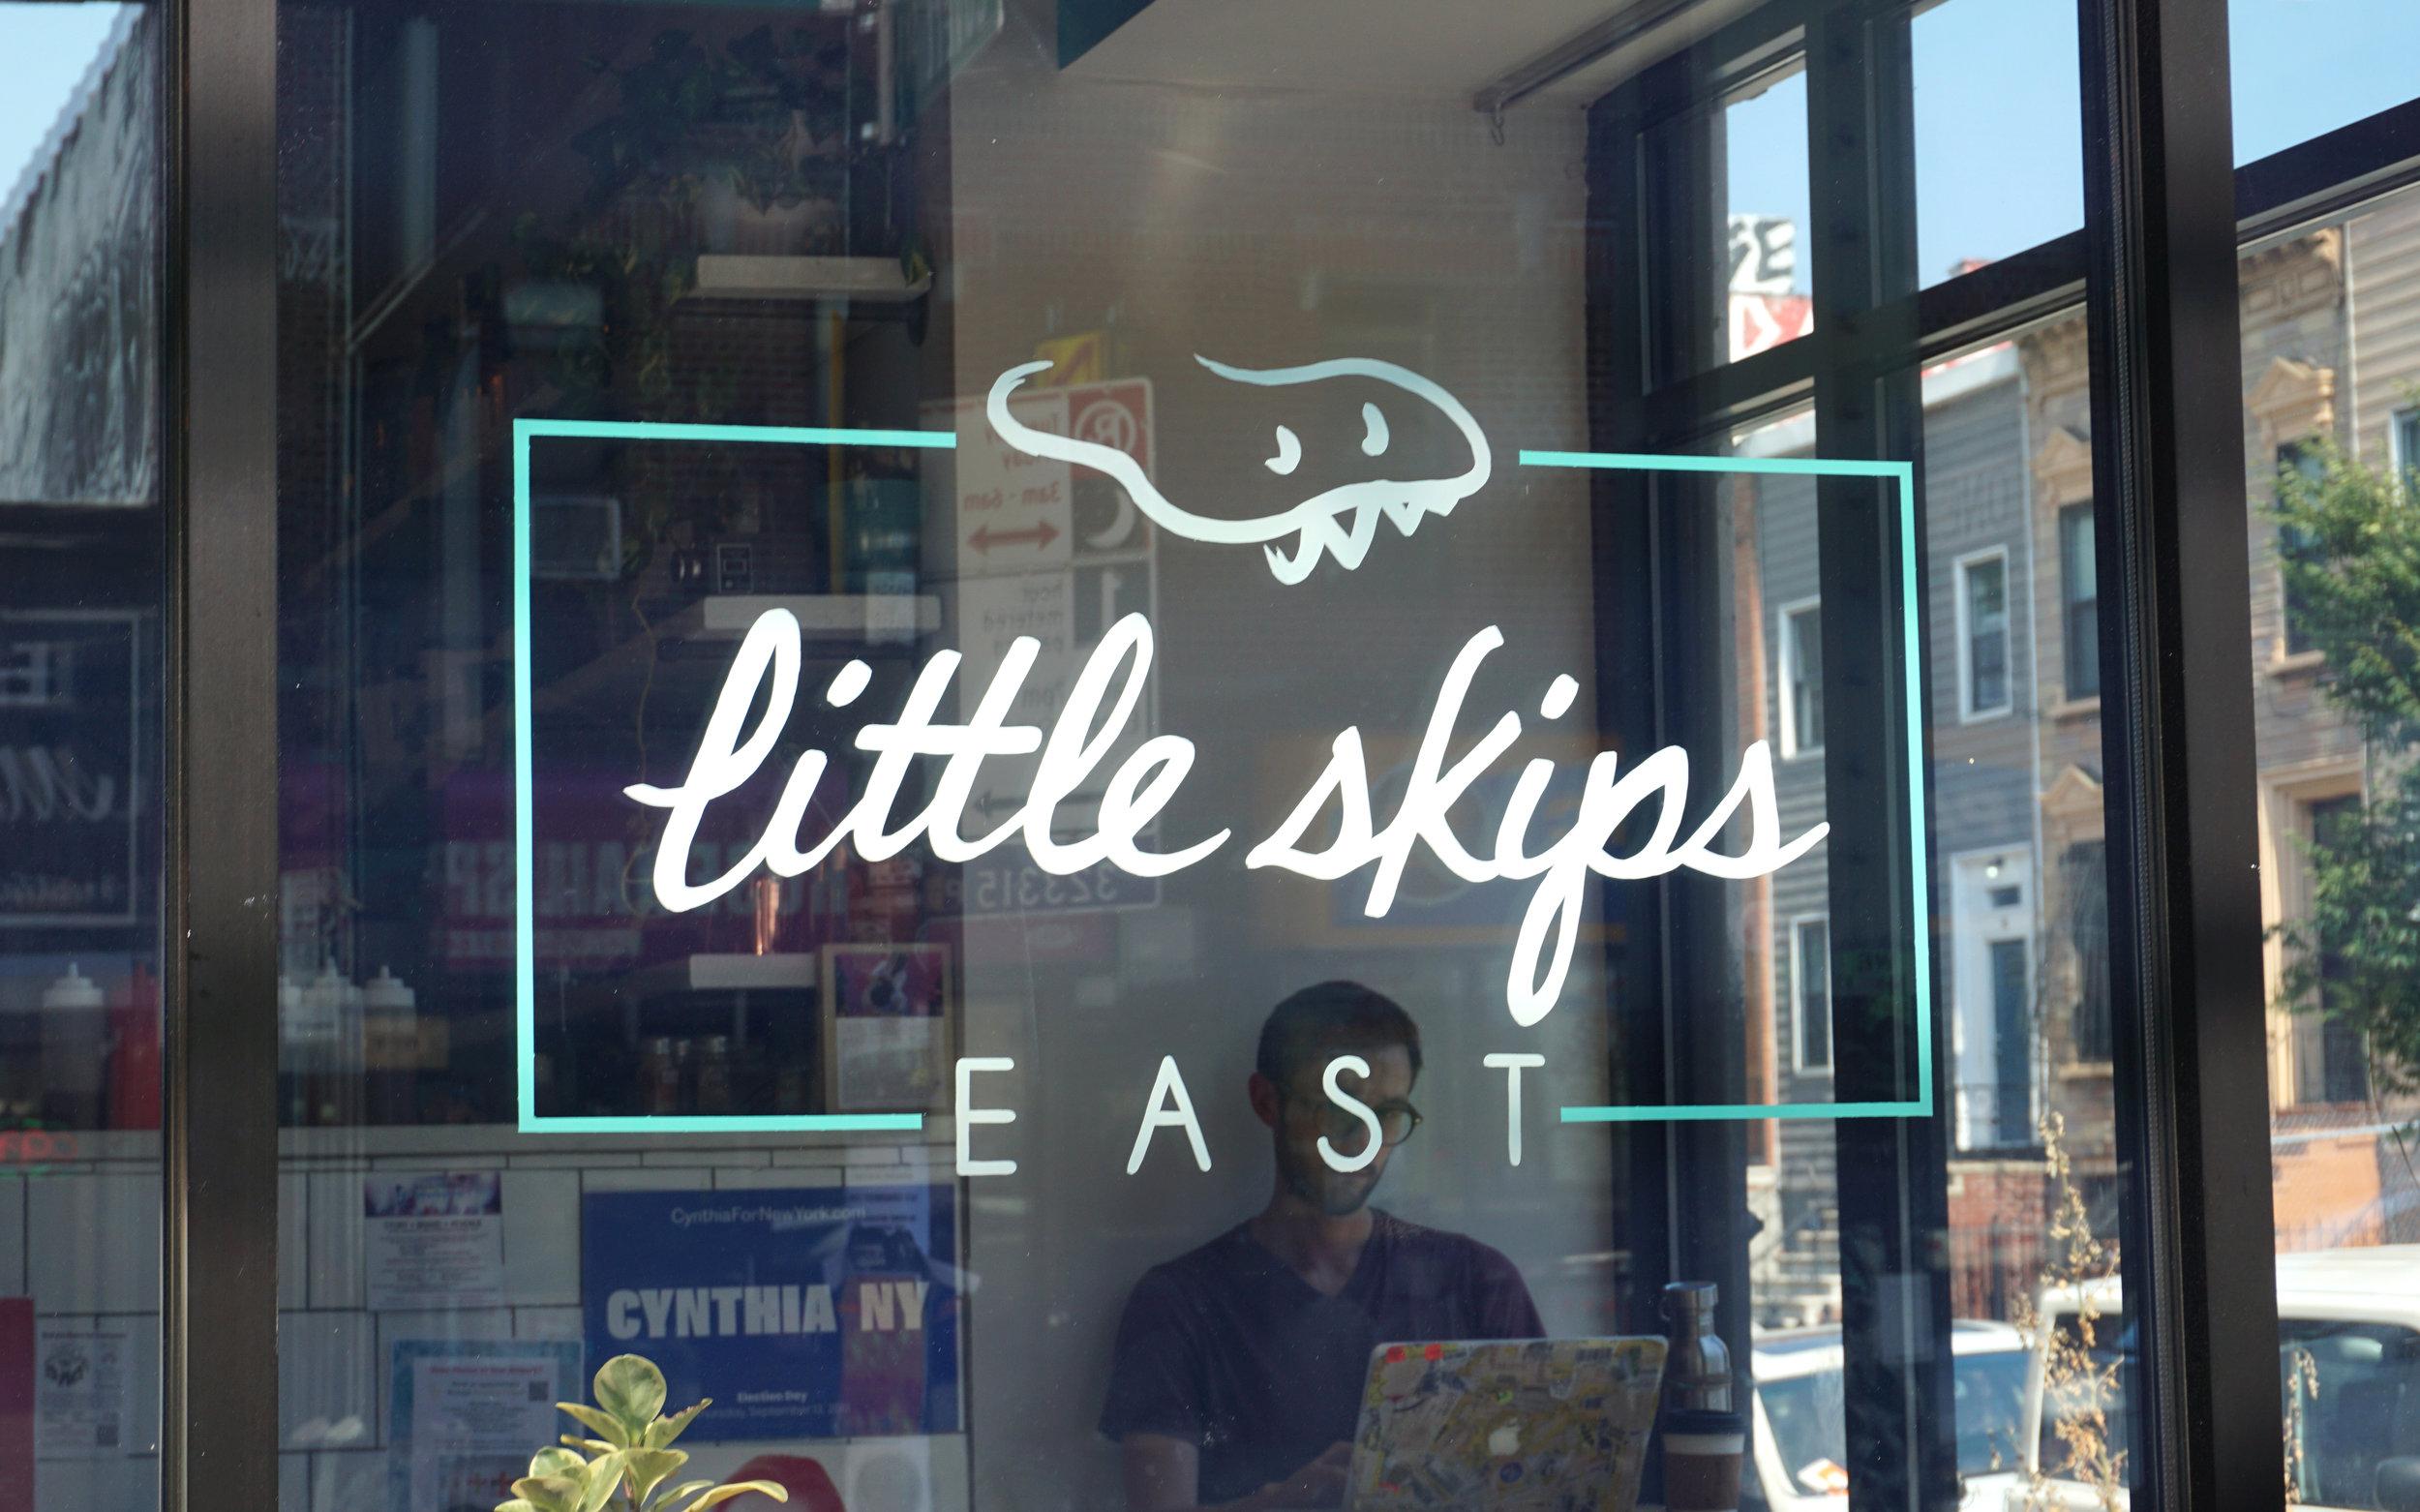 website_little_skips_resized_01.jpg